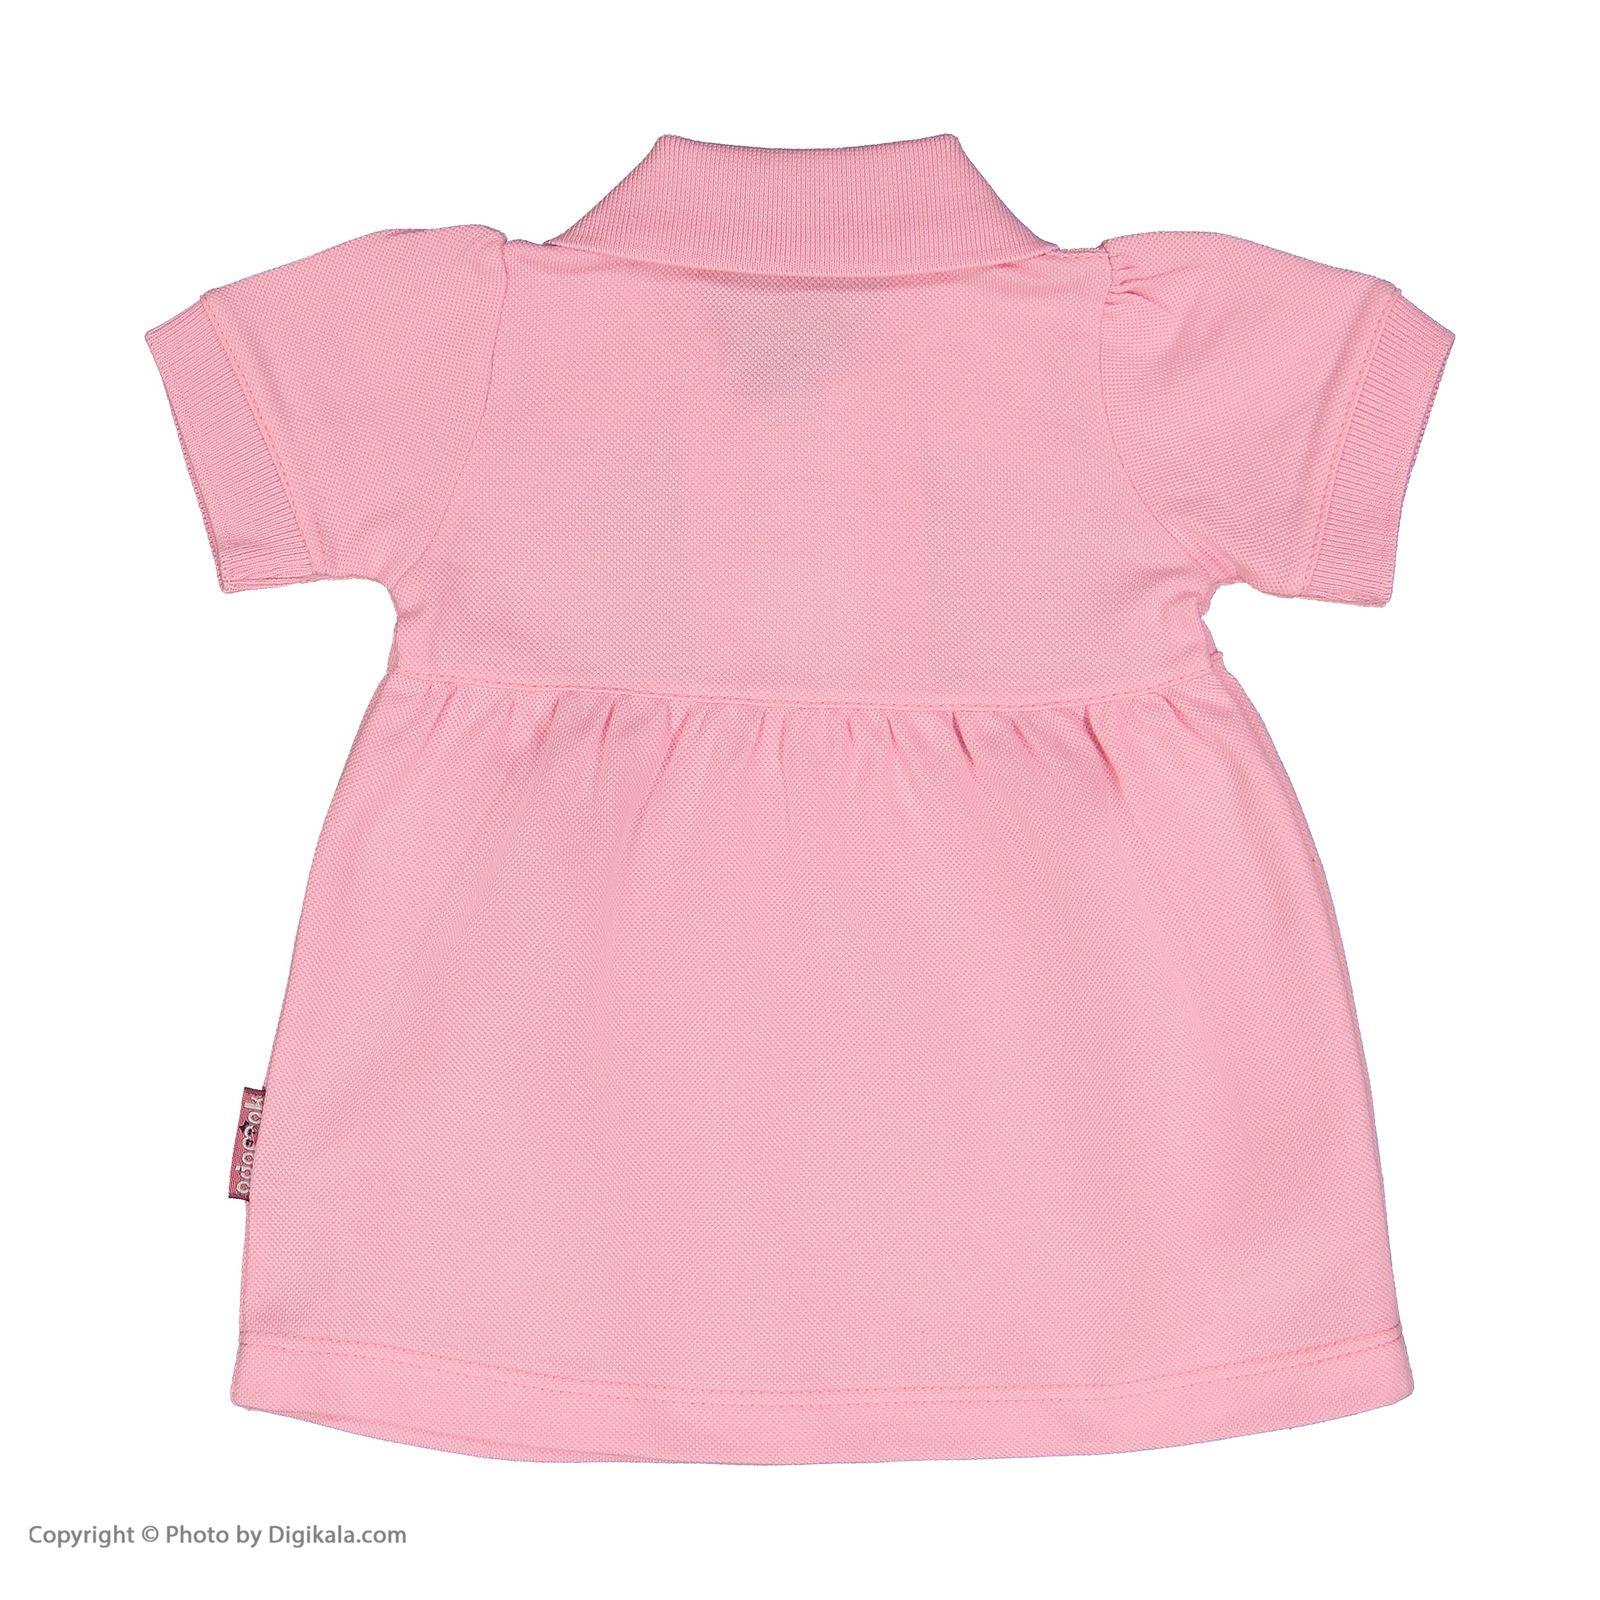 ست پیراهن و شلوارک نوزادی دخترانه آدمک مدل 2171109-84 -  - 5